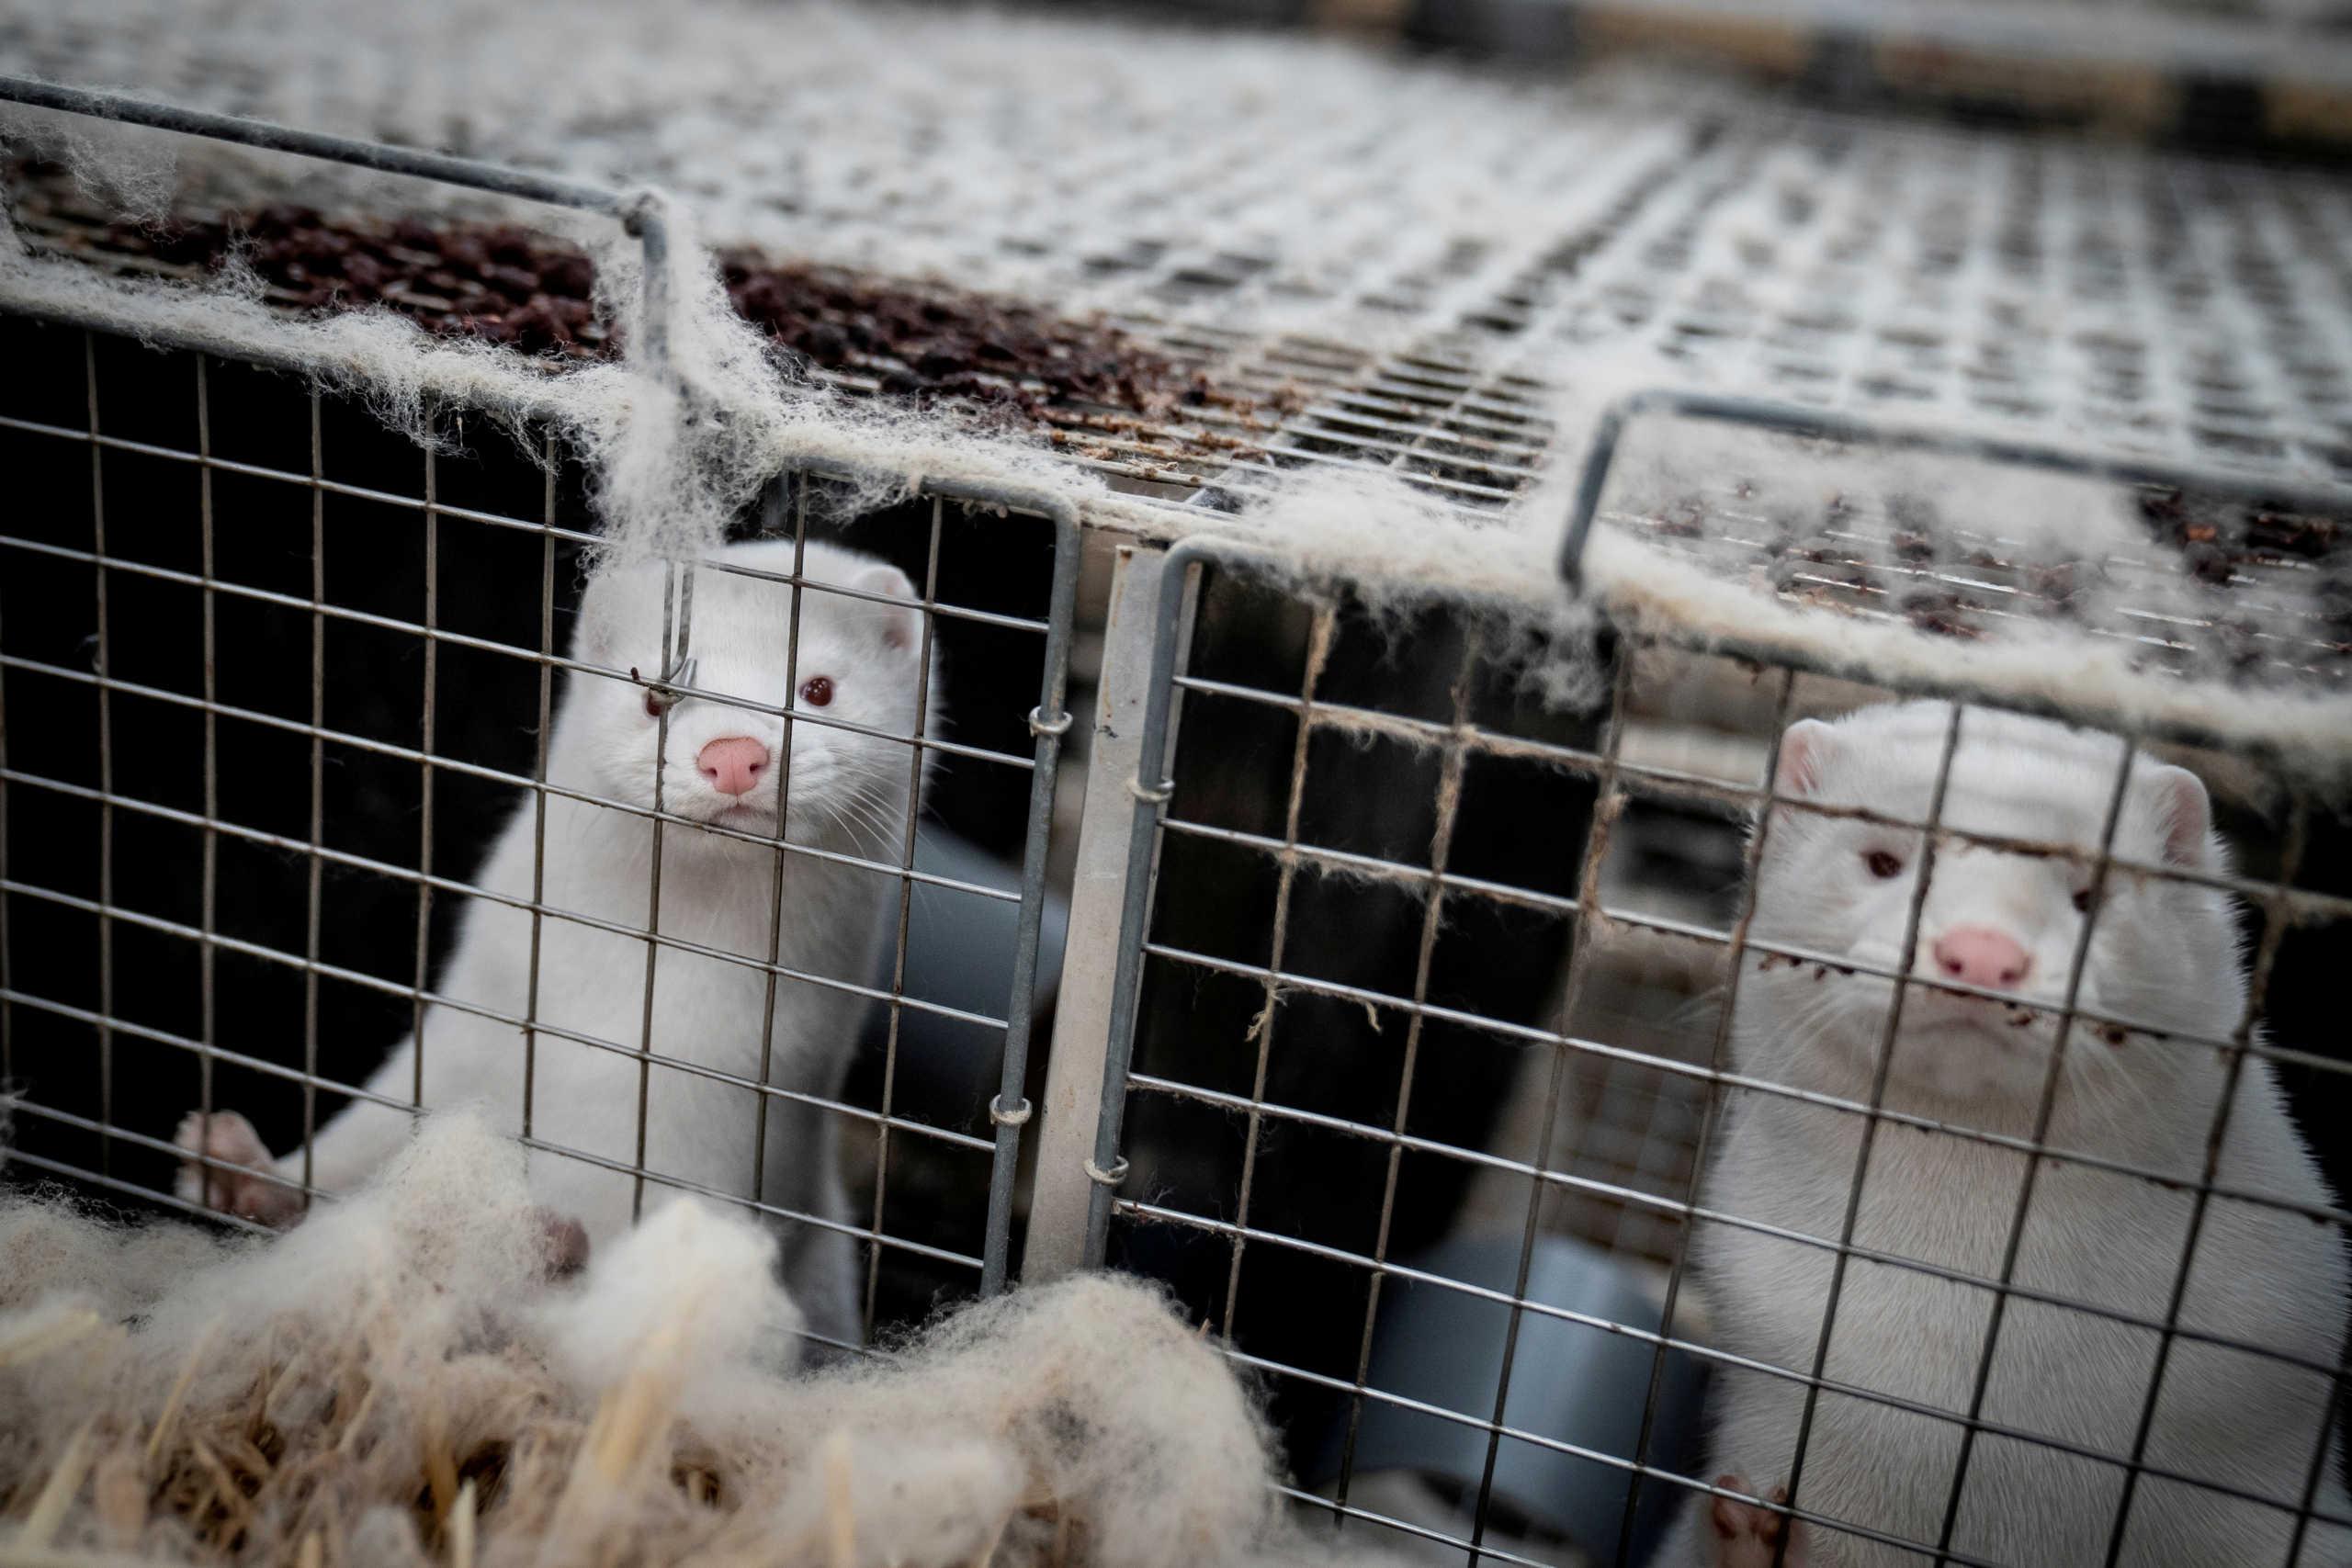 Δανία: Τέλος η εκτροφή βιζόν μέχρι το 2022